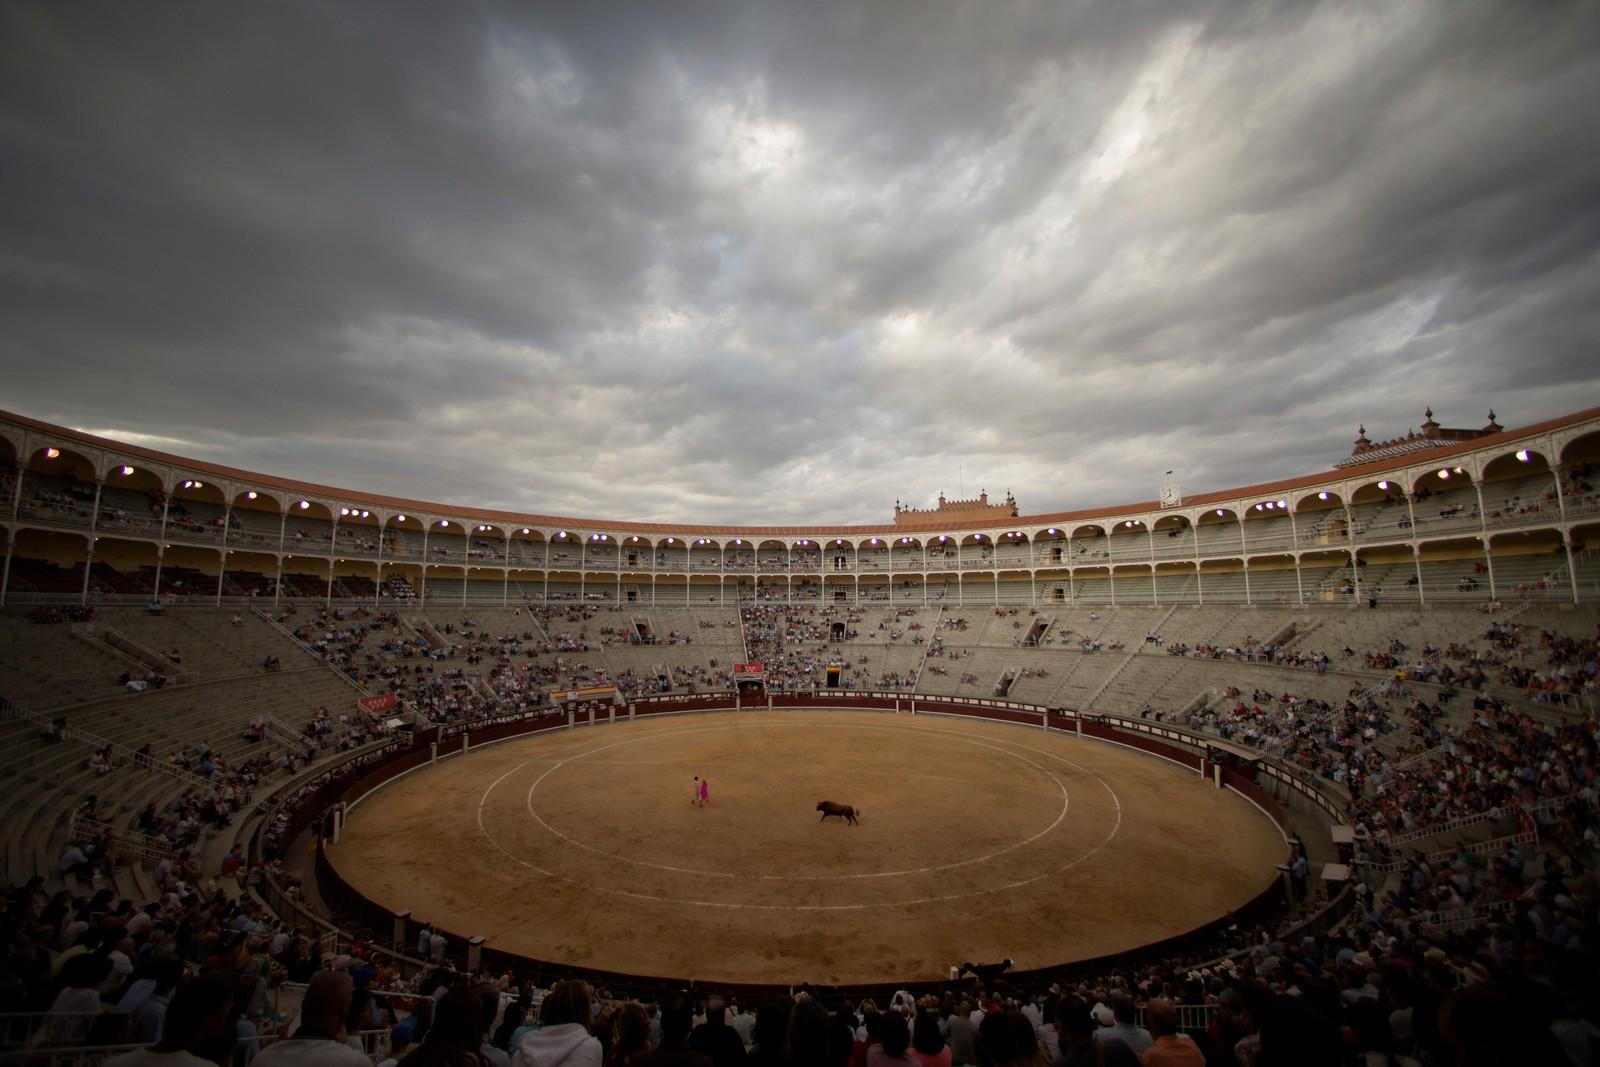 Den spanske tyrefekteren Angel Teruel opptrer på Las Ventas stadionet i Madrid, Spania.